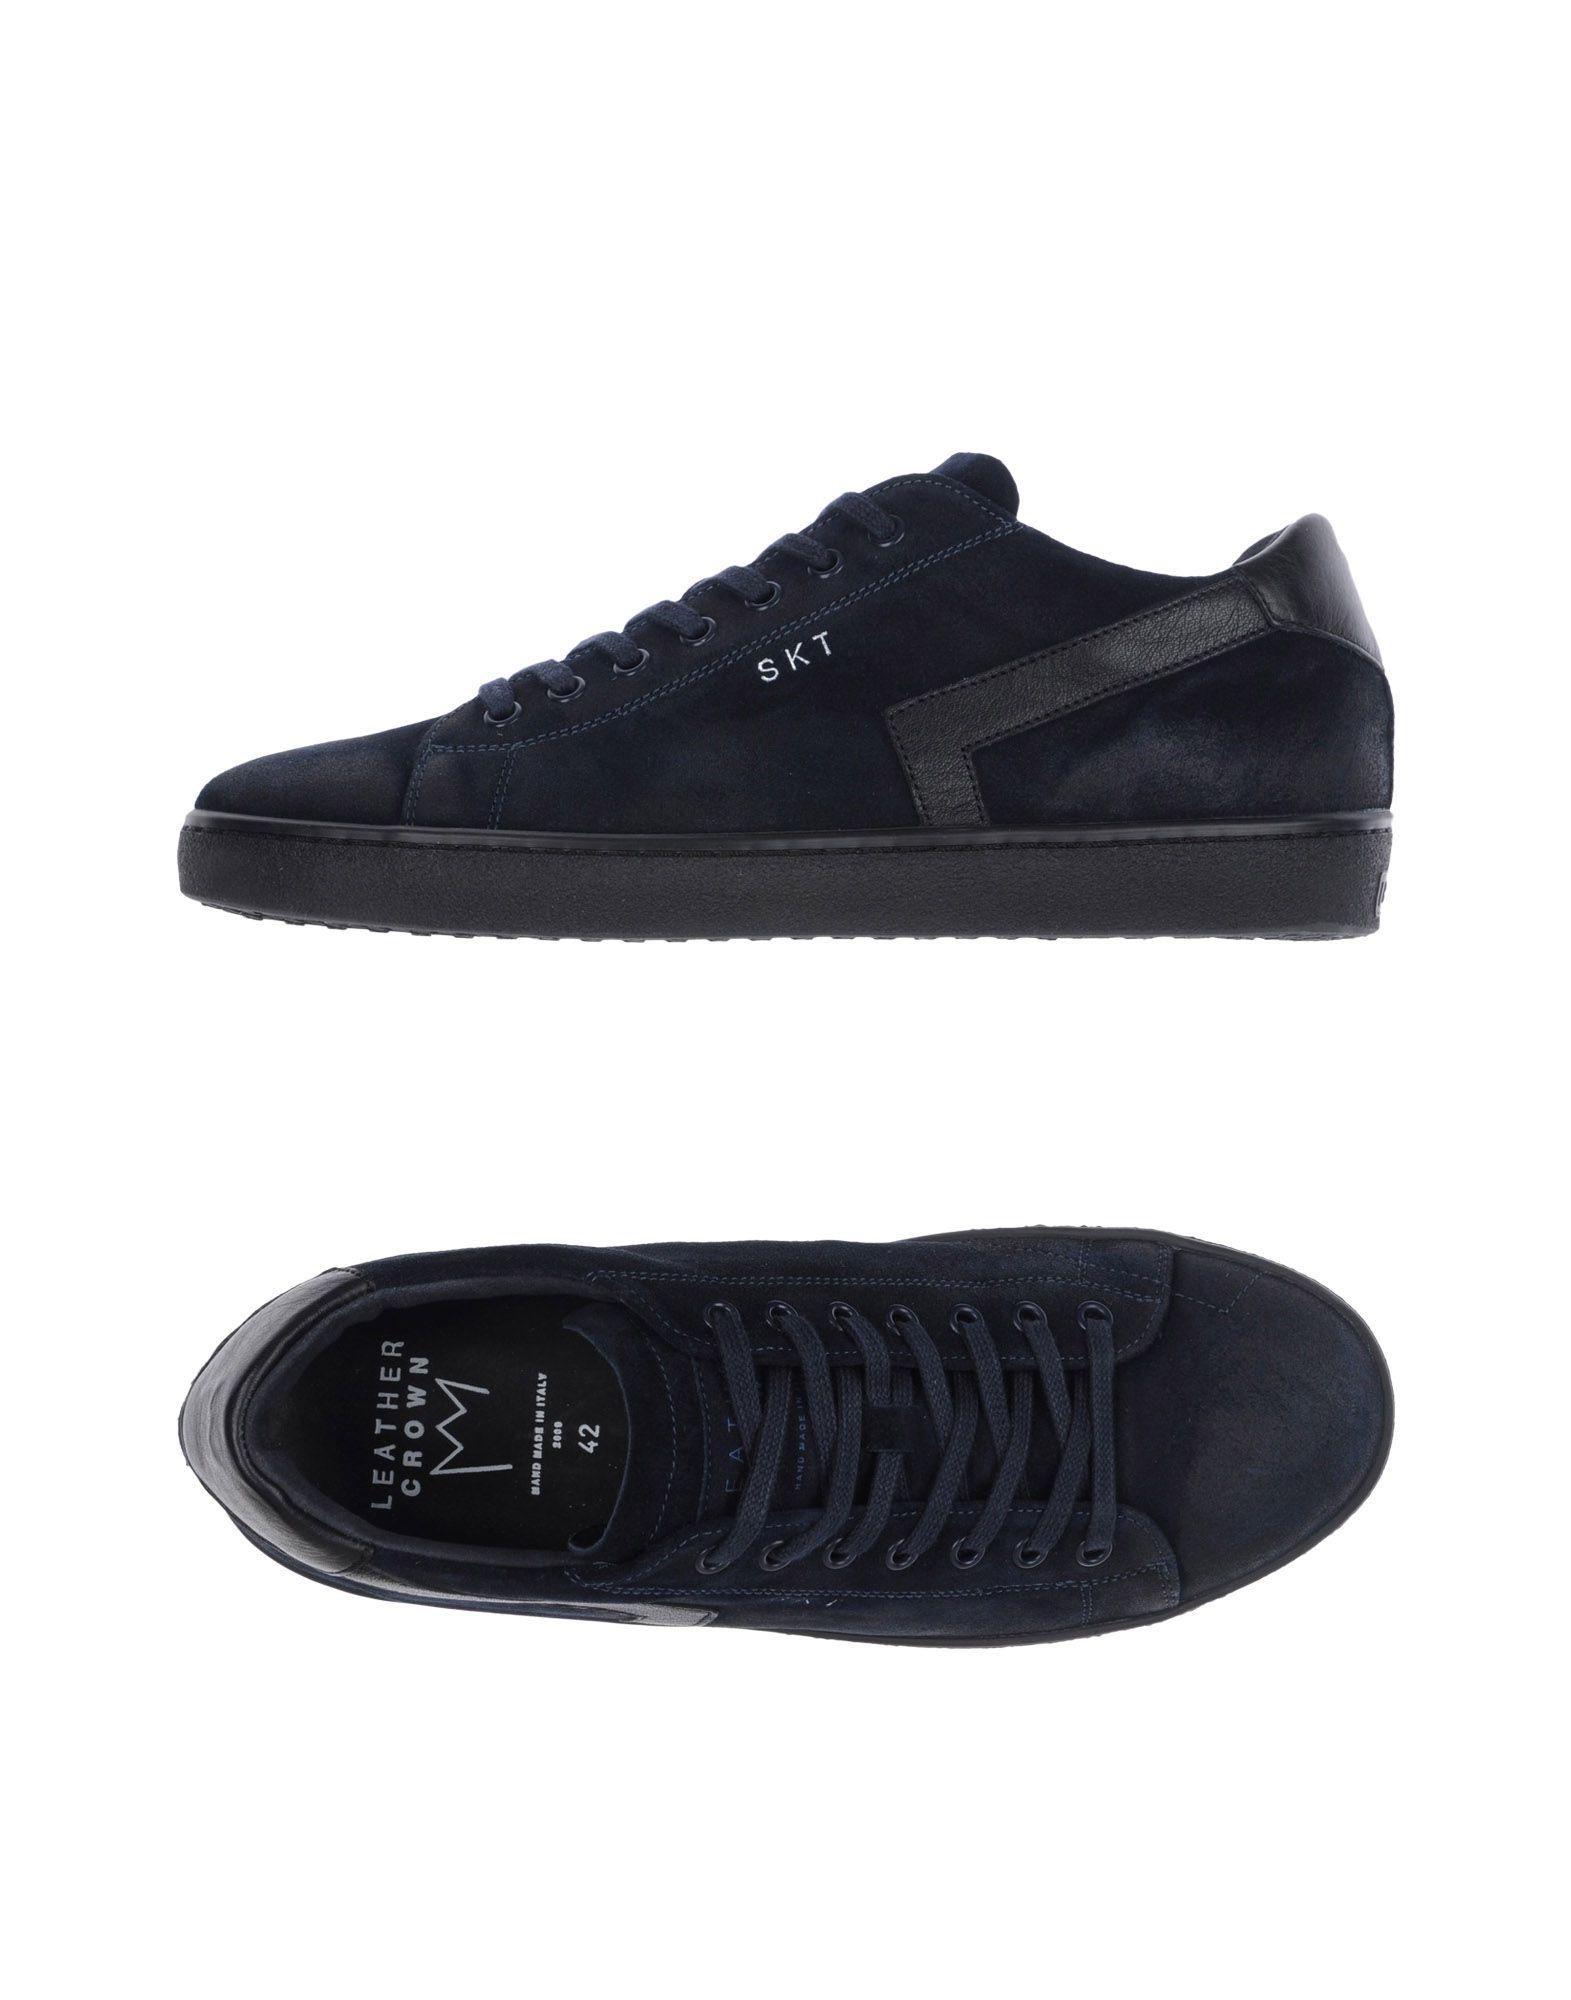 Leather Crown Crown Sneakers - Men Leather Crown Crown Sneakers online on  Australia - 11306171EJ c5afad